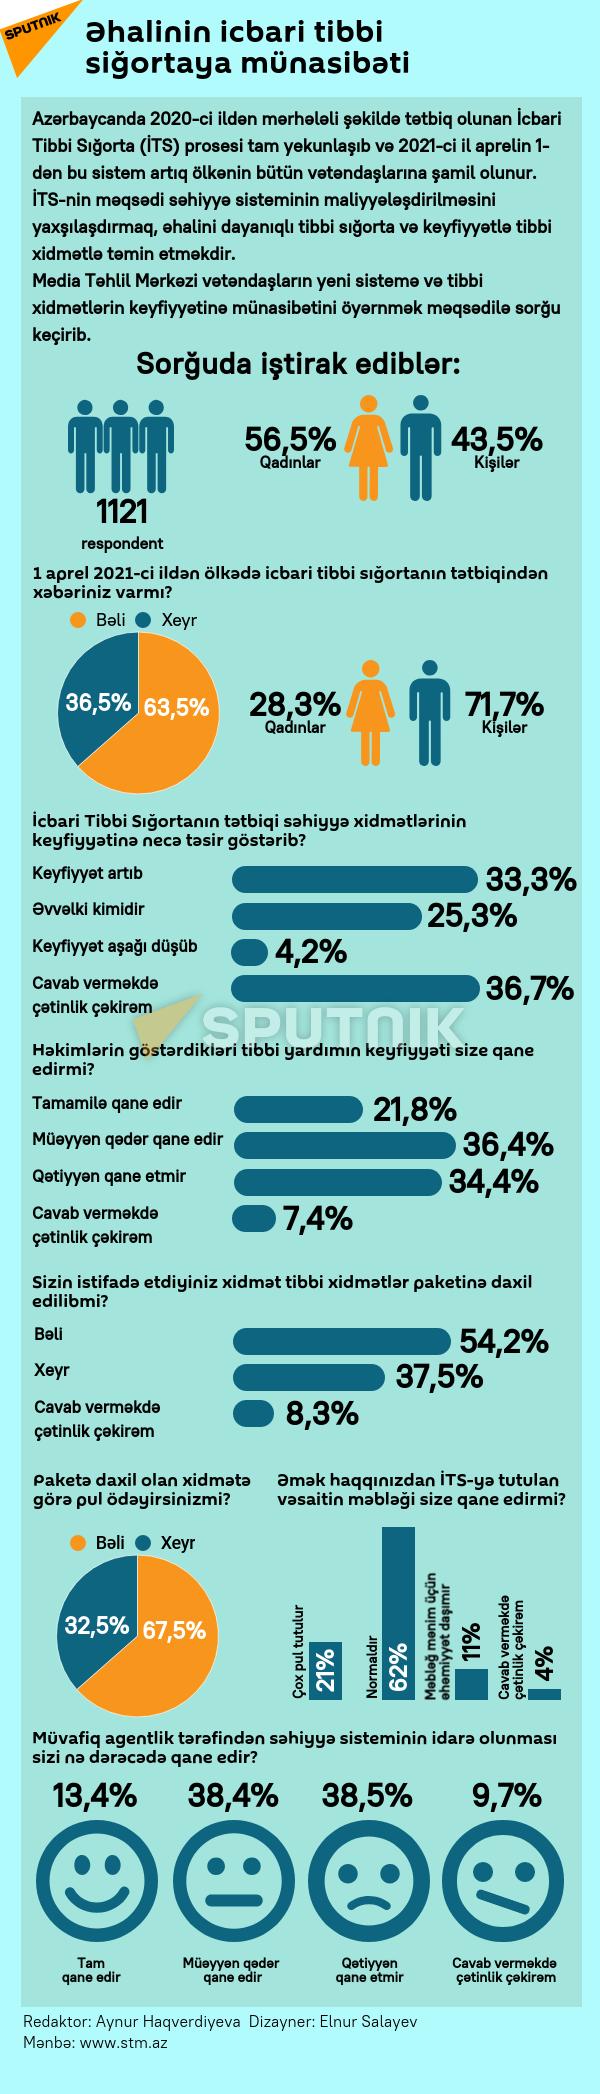 İnfoqrafika: Əhalinin icbari tibbi sığortaya münasibəti - Sputnik Azərbaycan, 1920, 22.09.2021